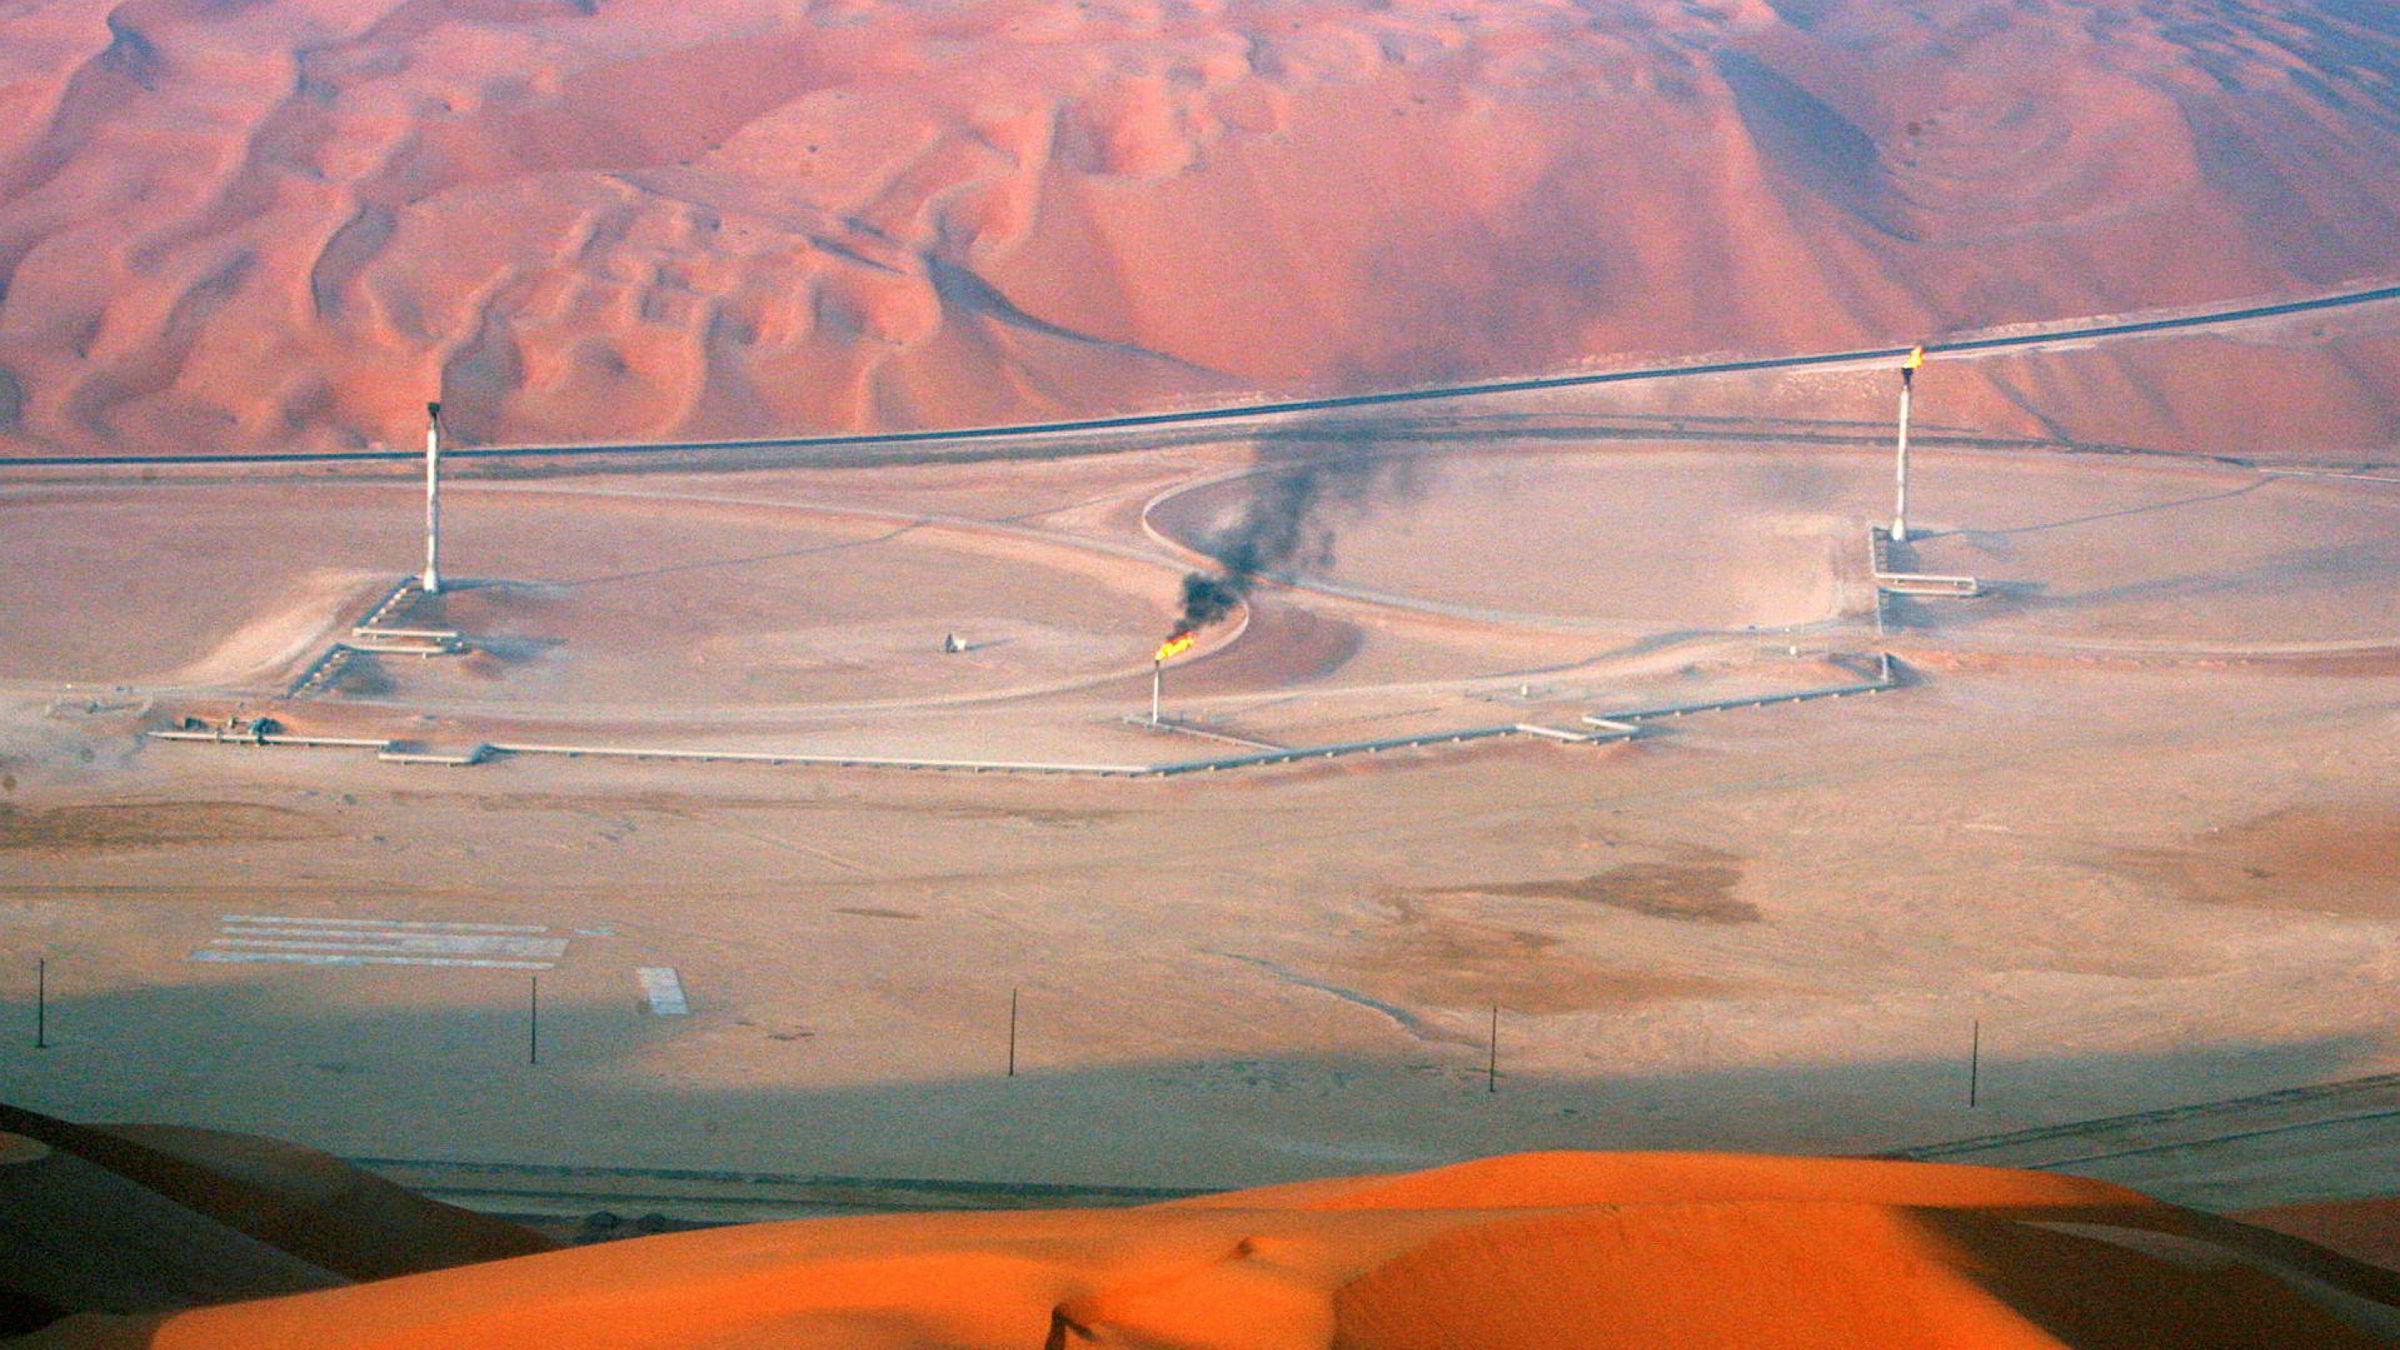 Børsnotering og salg av deler av Saudi-Arabias statlige oljeselskap Aramco har støtt på problemer. Bildet viser oljefeltet Shaybah i Rub' al-Khali-ørkenen.